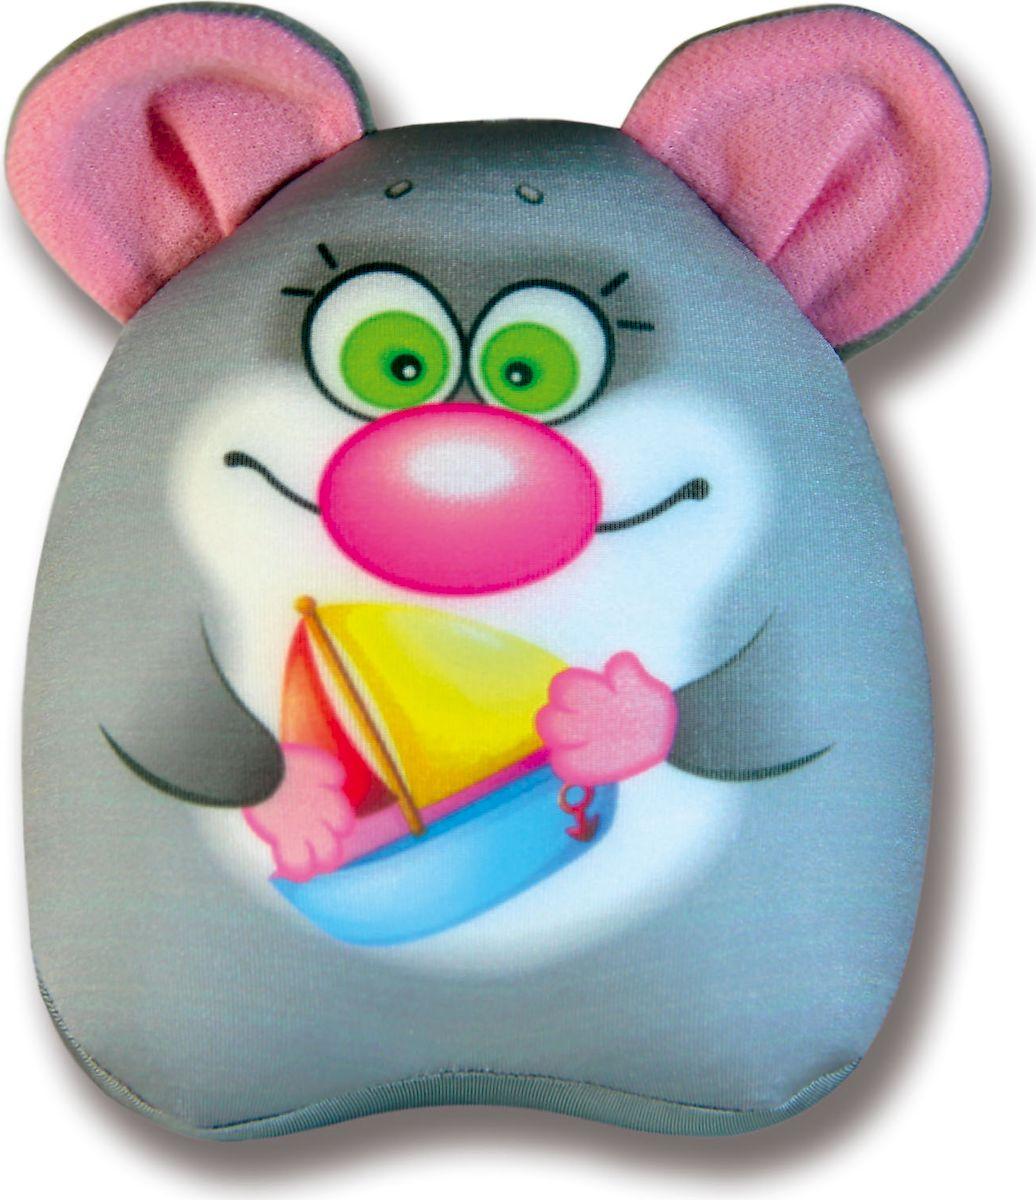 Мягкая игрушка Штучки, к которым тянутся ручки антистрессовая Водоплавчики. Мышь серый